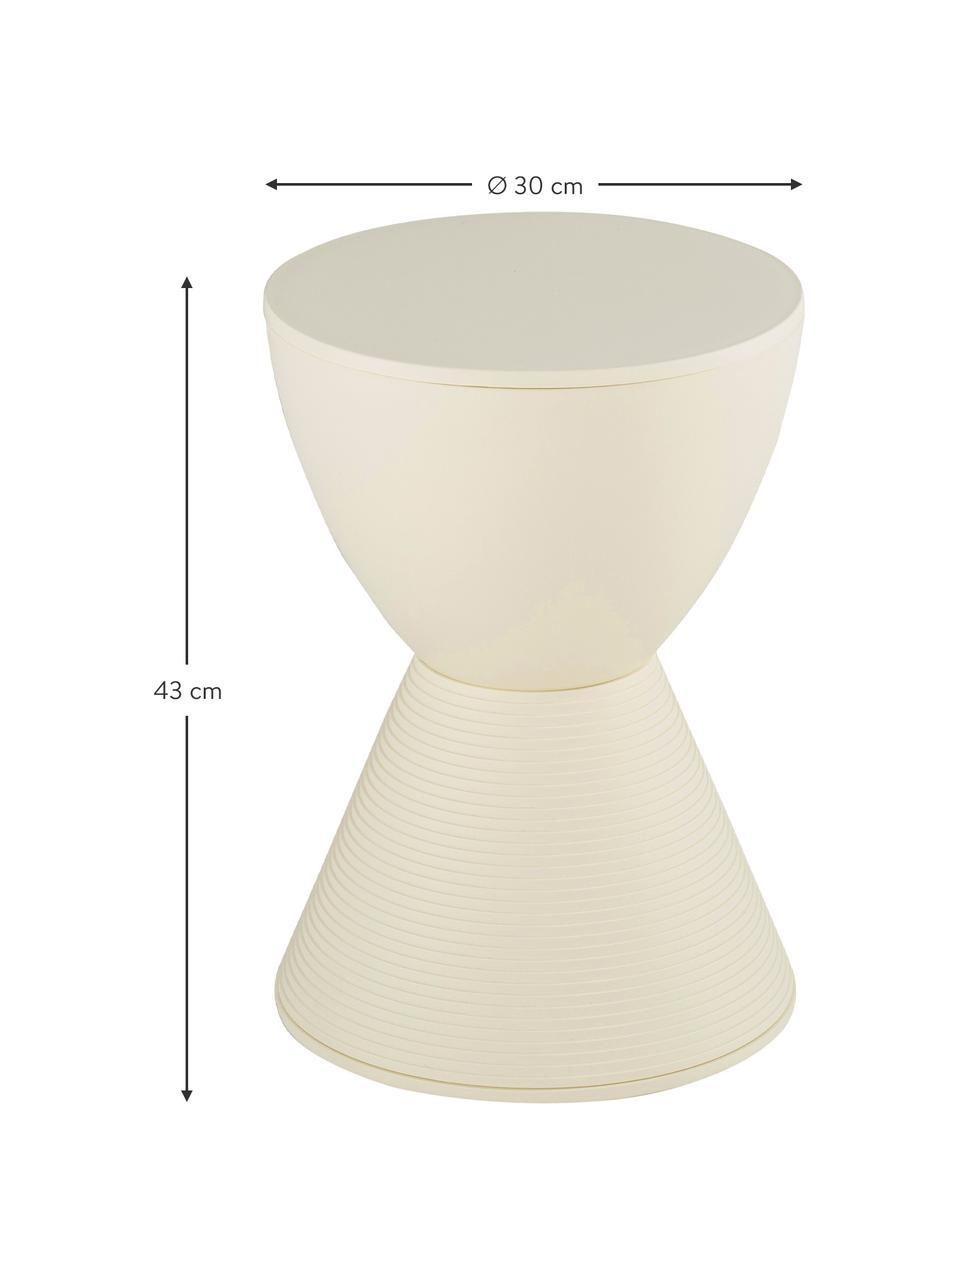 Design kruk/bijzettafel Prince AHA, Doorgepigmenteerd polypropyleen, Crèmekleurig, Ø 30 x H 43 cm